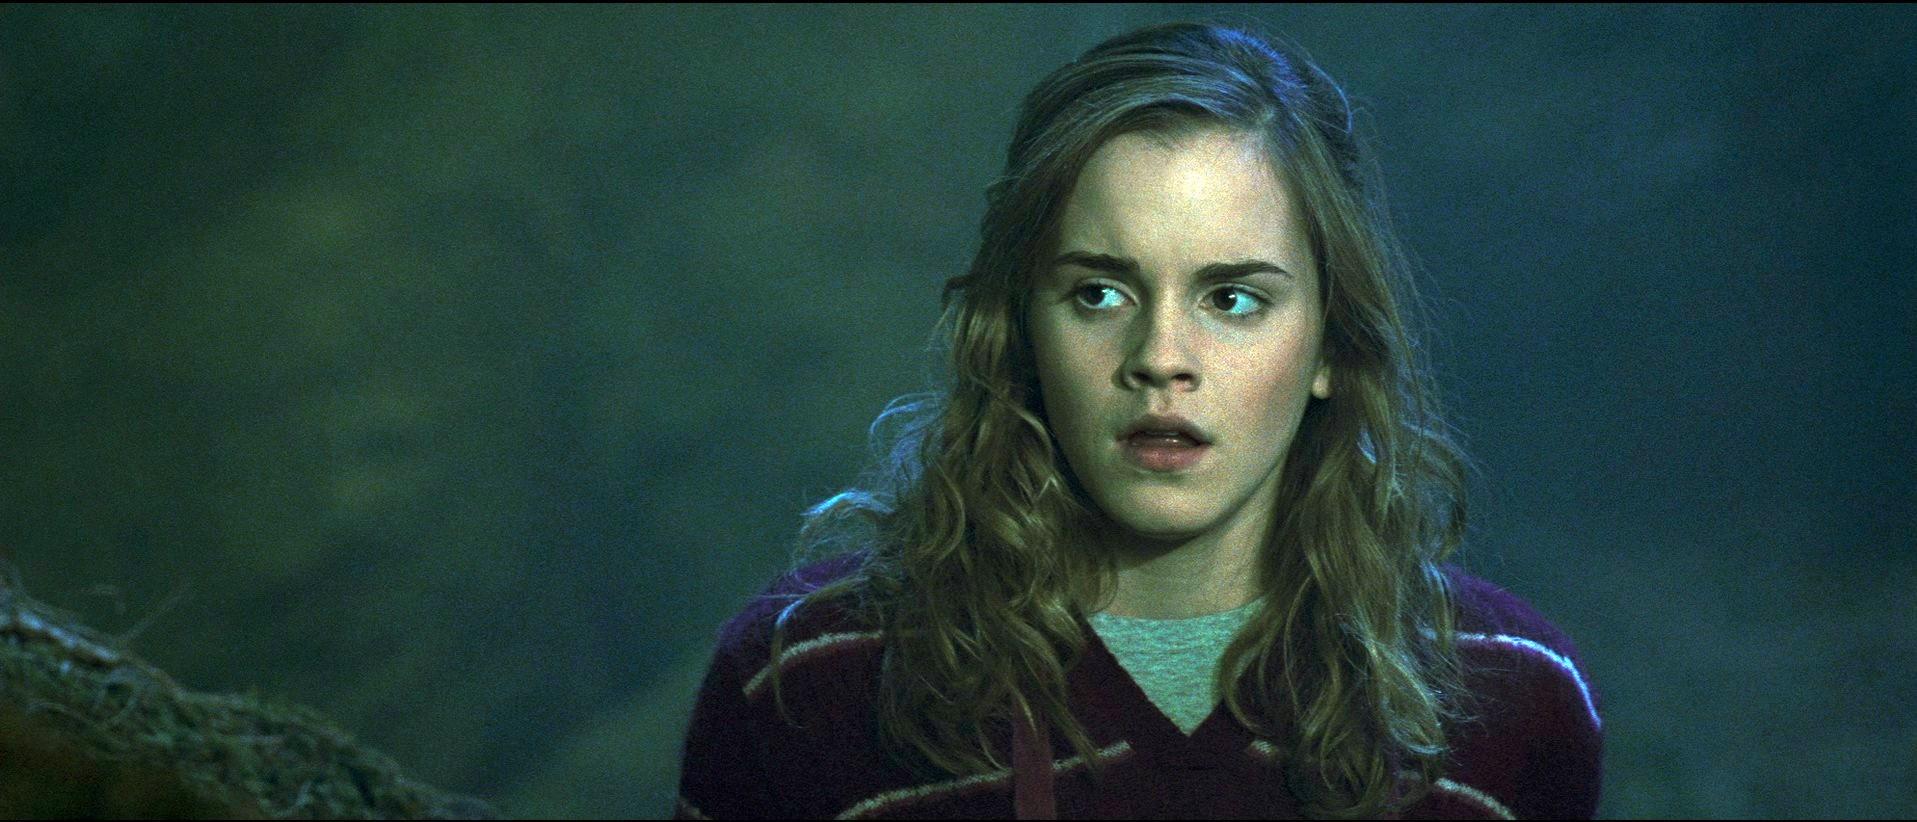 кадры из фильма Гарри Поттер и Орден Феникса Эмма Уотсон,